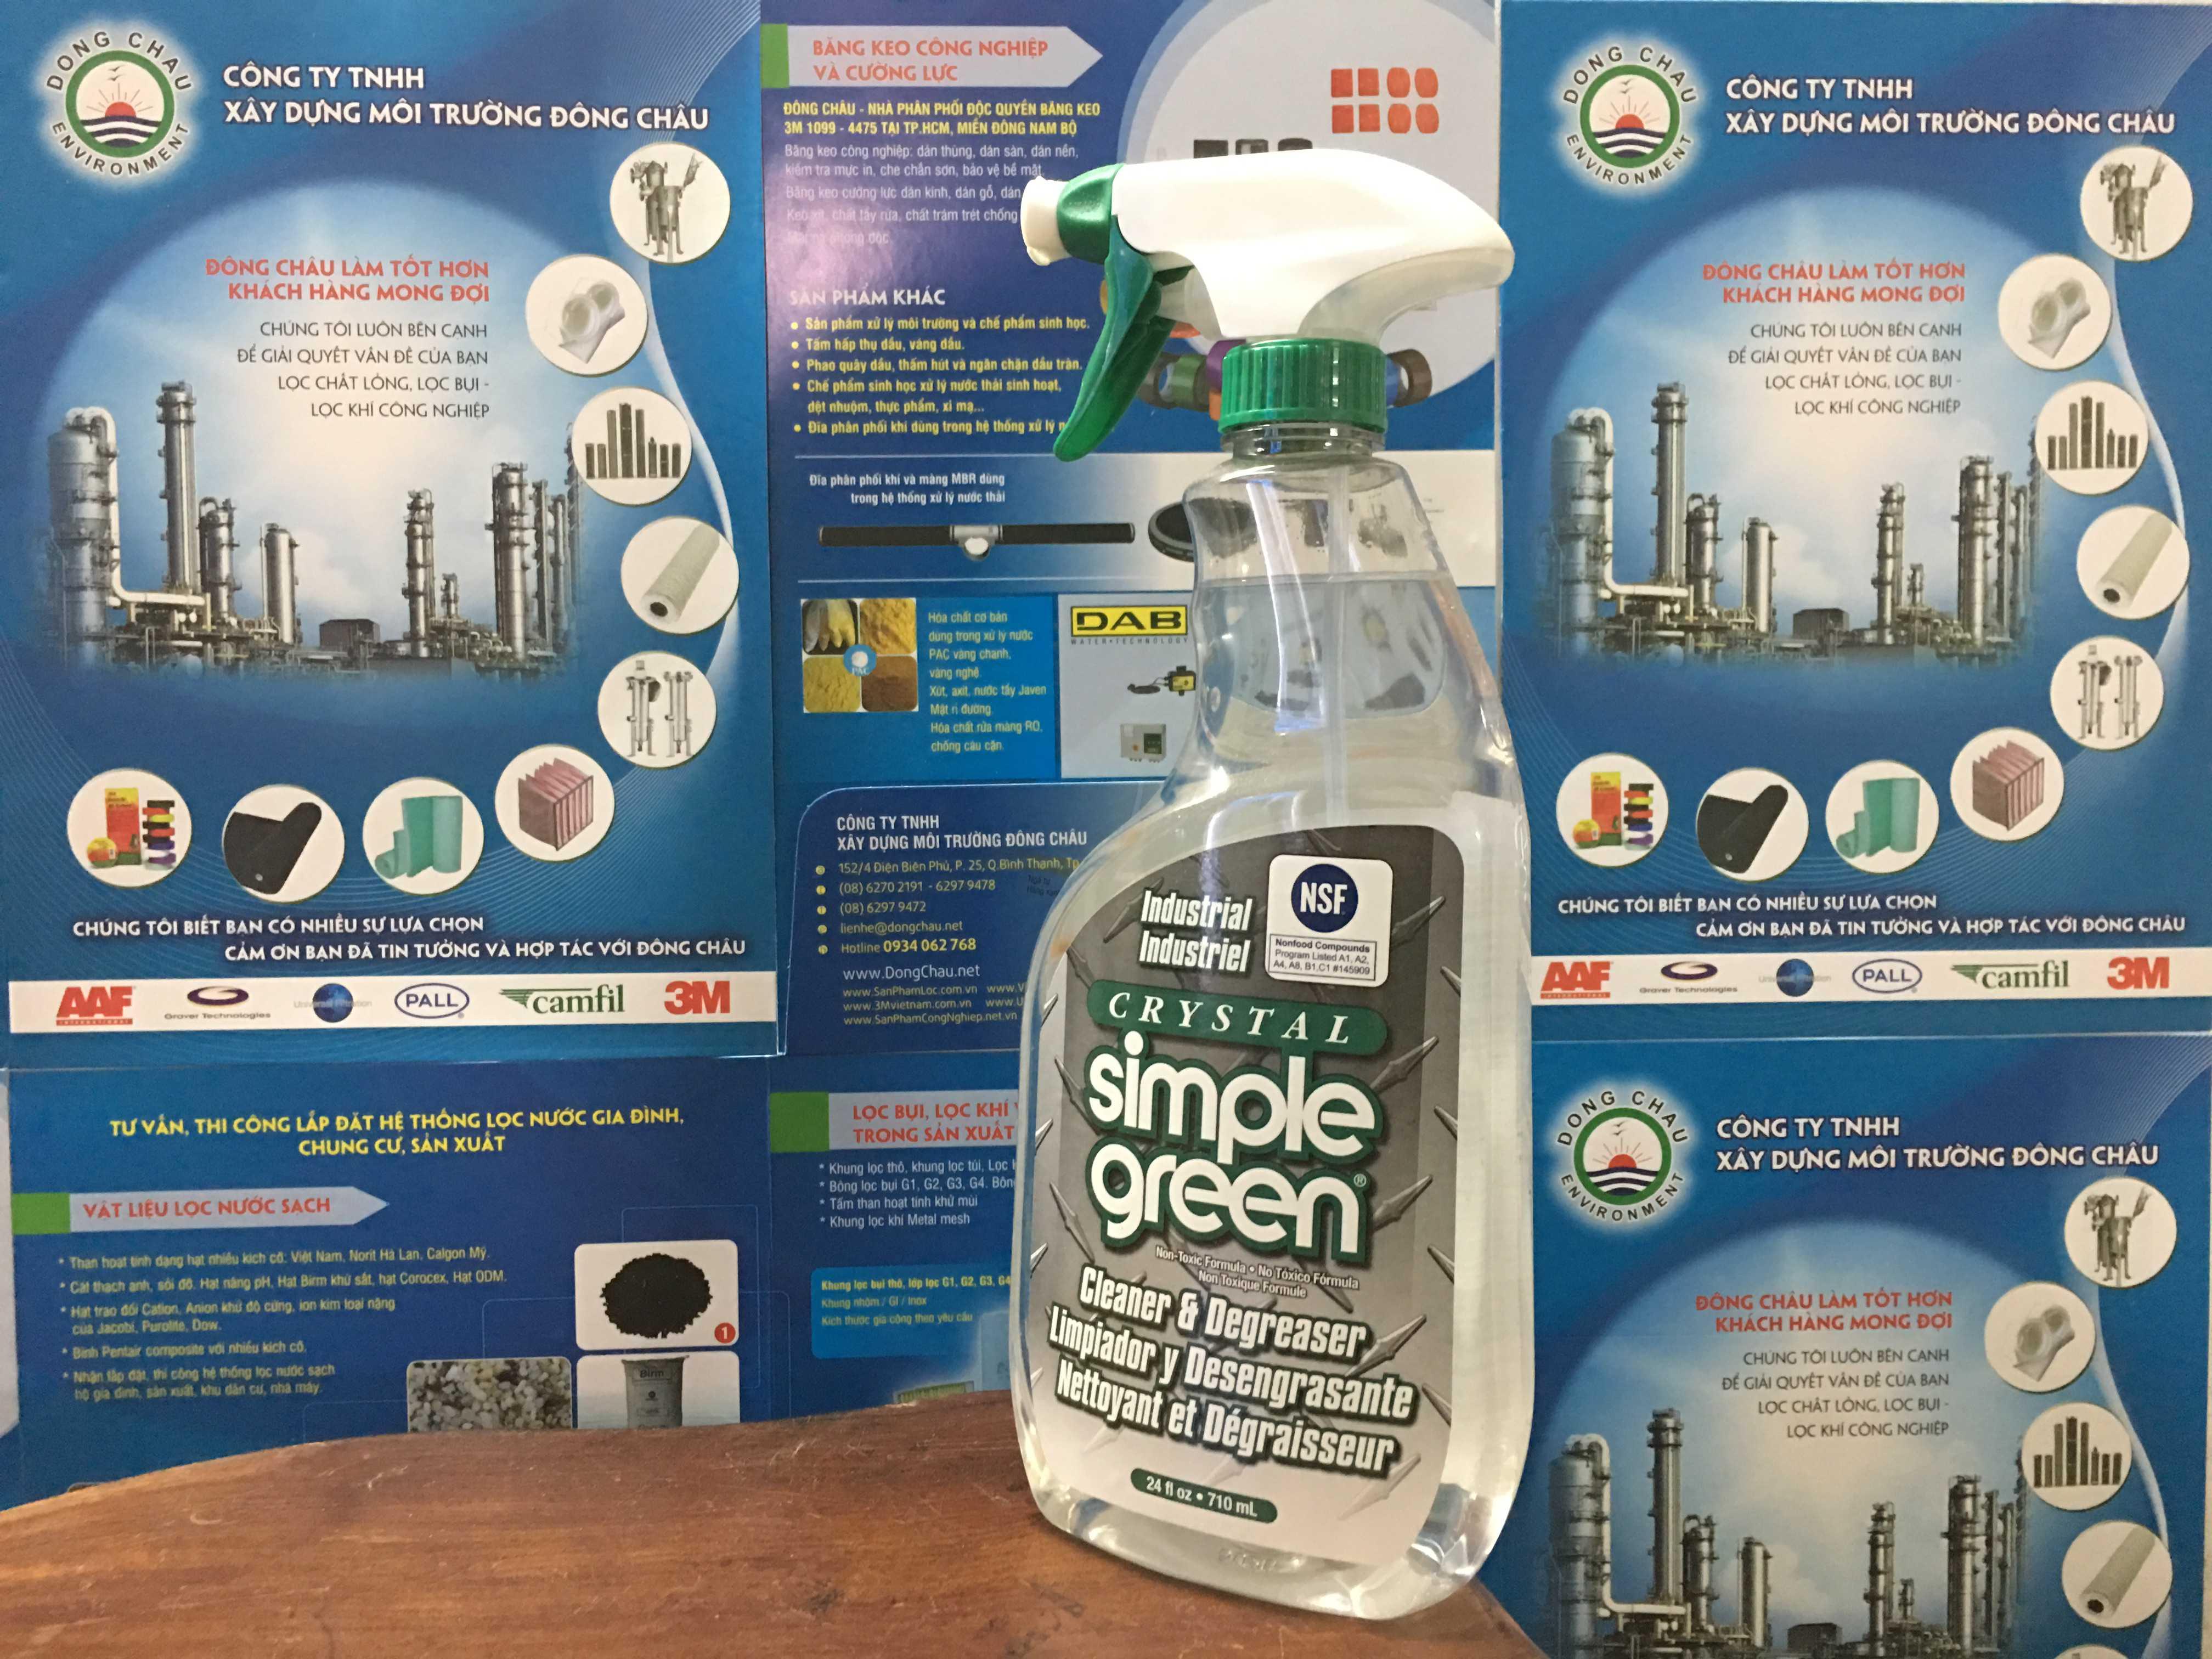 Chai làm sạch, tẩy nhờn Crystal Simple Green